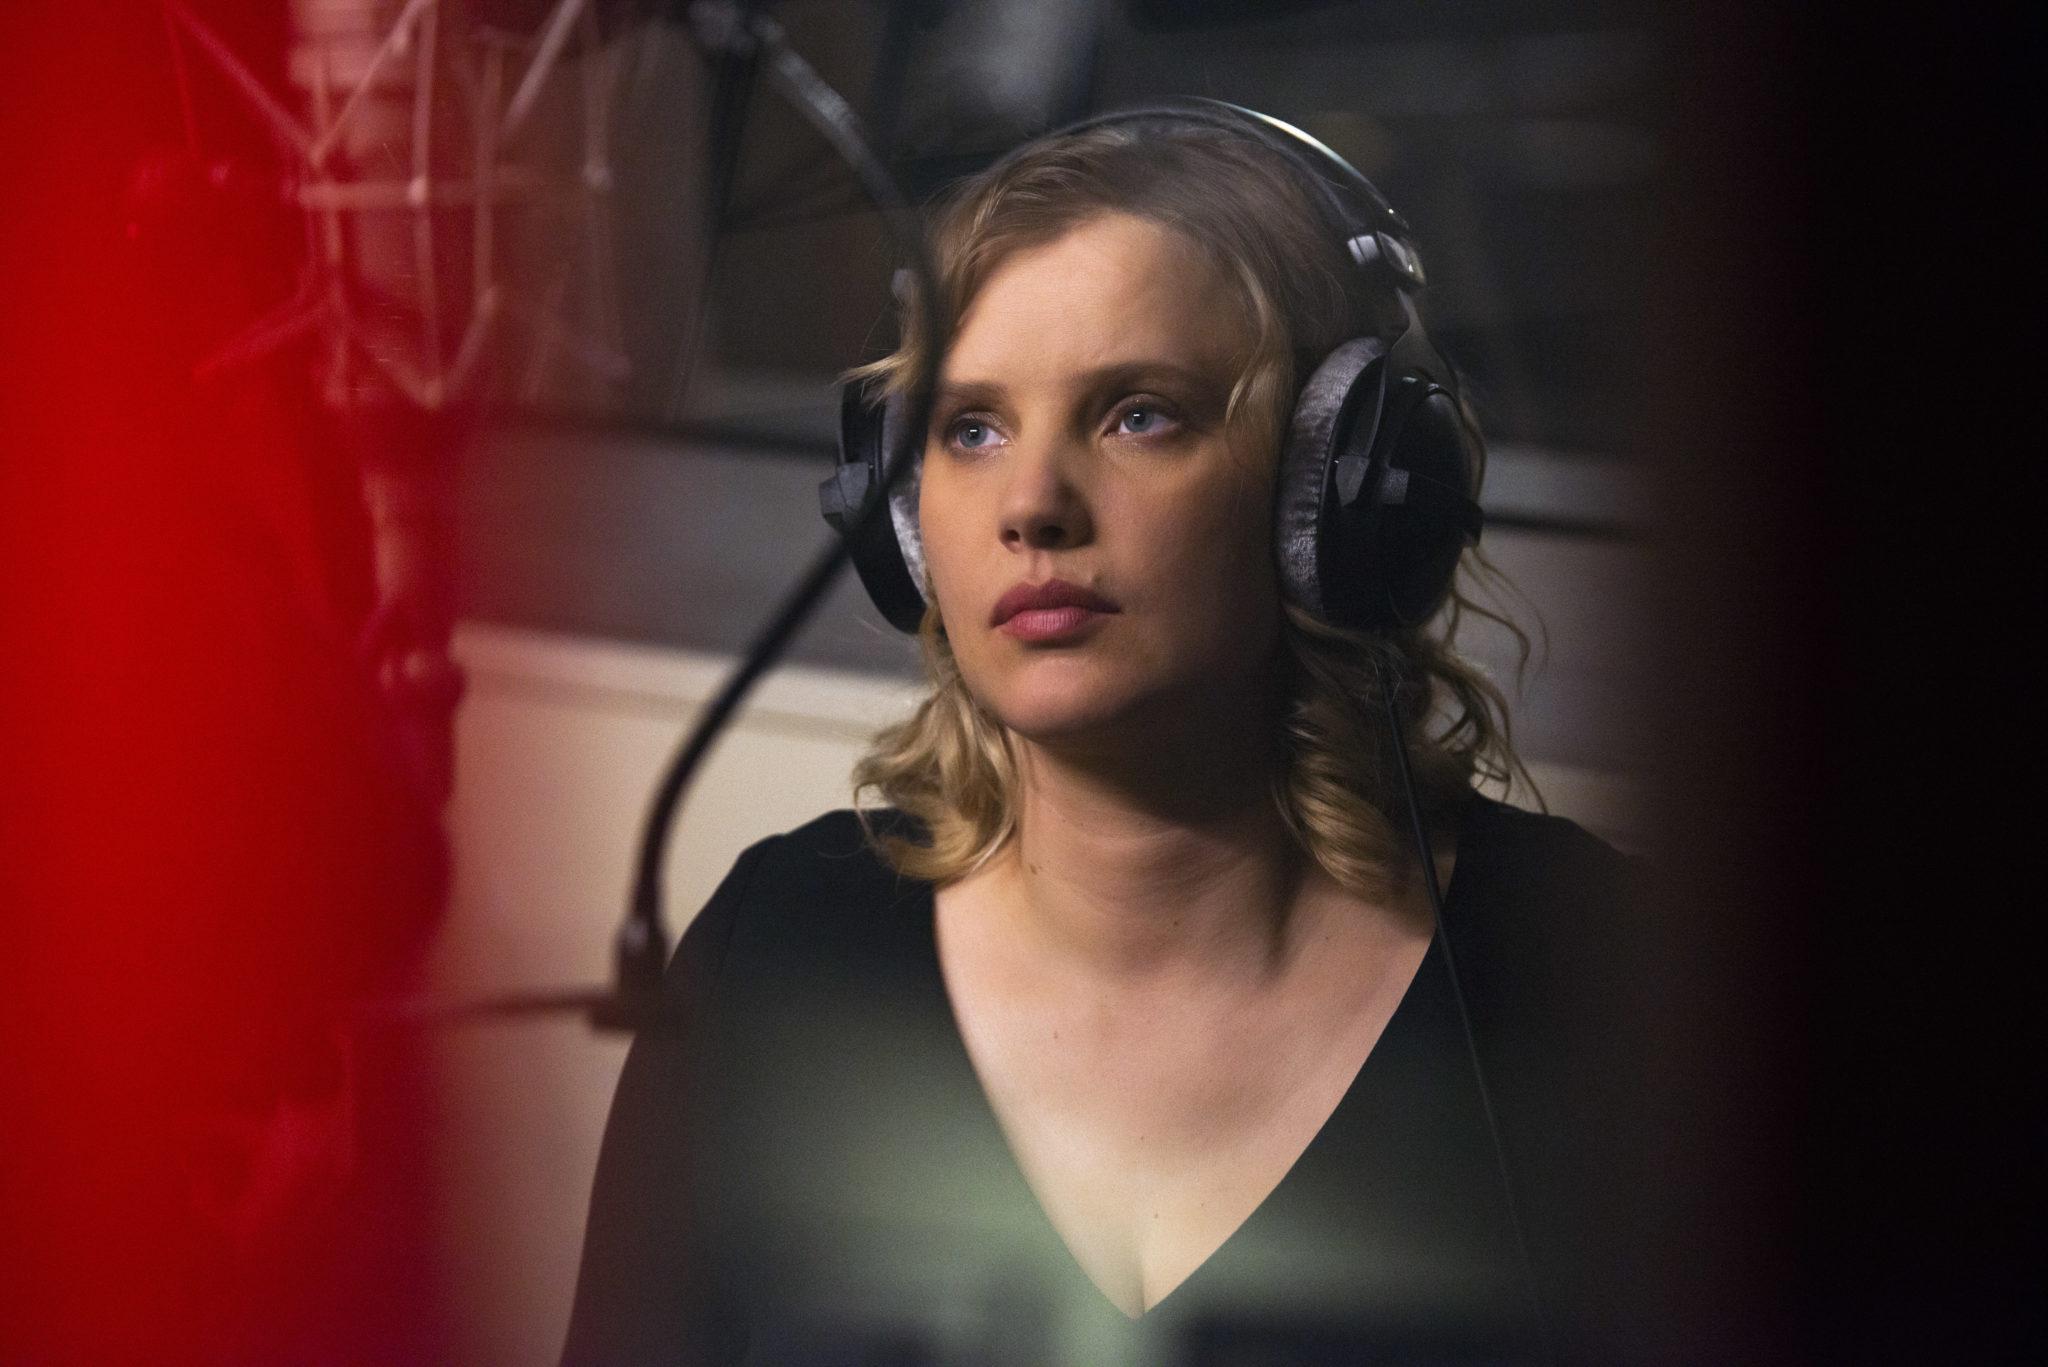 Maja im Musikstudio in The Eddy, auf dem Kopf große Kopfhörer, vor ihr das Mikro für die Aufnahme